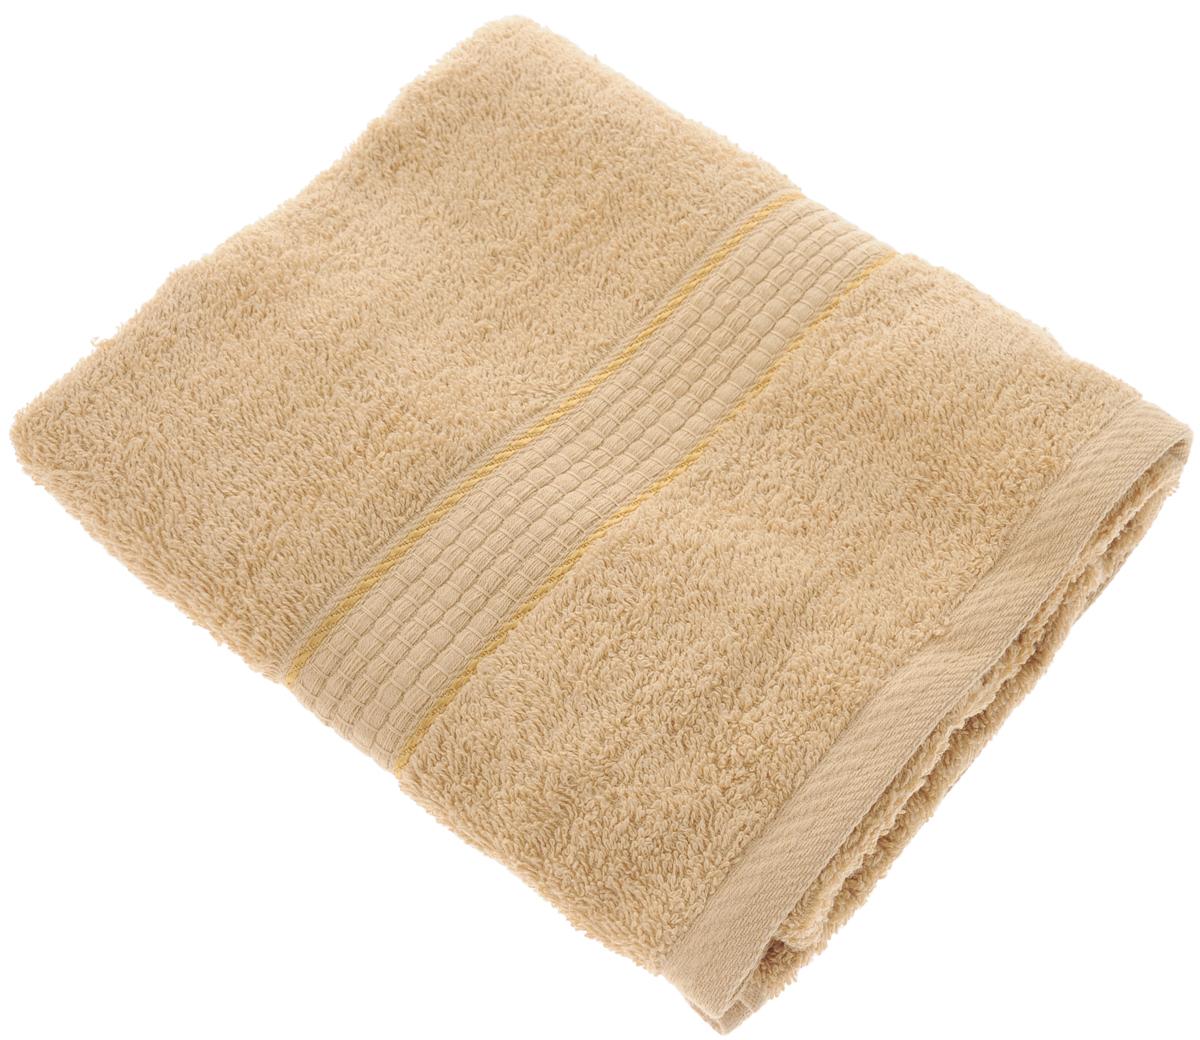 Полотенце махровое Aisha Home Textile Соты, цвет: светло-коричневый, 50 х 90 смУзТ-ПМ-112-08-23кПолотенце Aisha Home Textile Соты выполнено из натуральной гладкокрашеной махровой ткани (100% хлопок). Изделие отлично впитывает влагу, быстро сохнет, не линяет, сохраняет яркость цвета и не теряет форму даже после многократных стирок. Изысканный бордюр с рисунком в виде сот придает изделию элегантный внешний вид, поэтому оно подойдет для любого интерьера ванной комнаты. Полотенце очень практично и неприхотливо в уходе. Оно станет достойным выбором для вас и приятным подарком для ваших близких. Полотенце упаковано в стильную подарочную коробку.